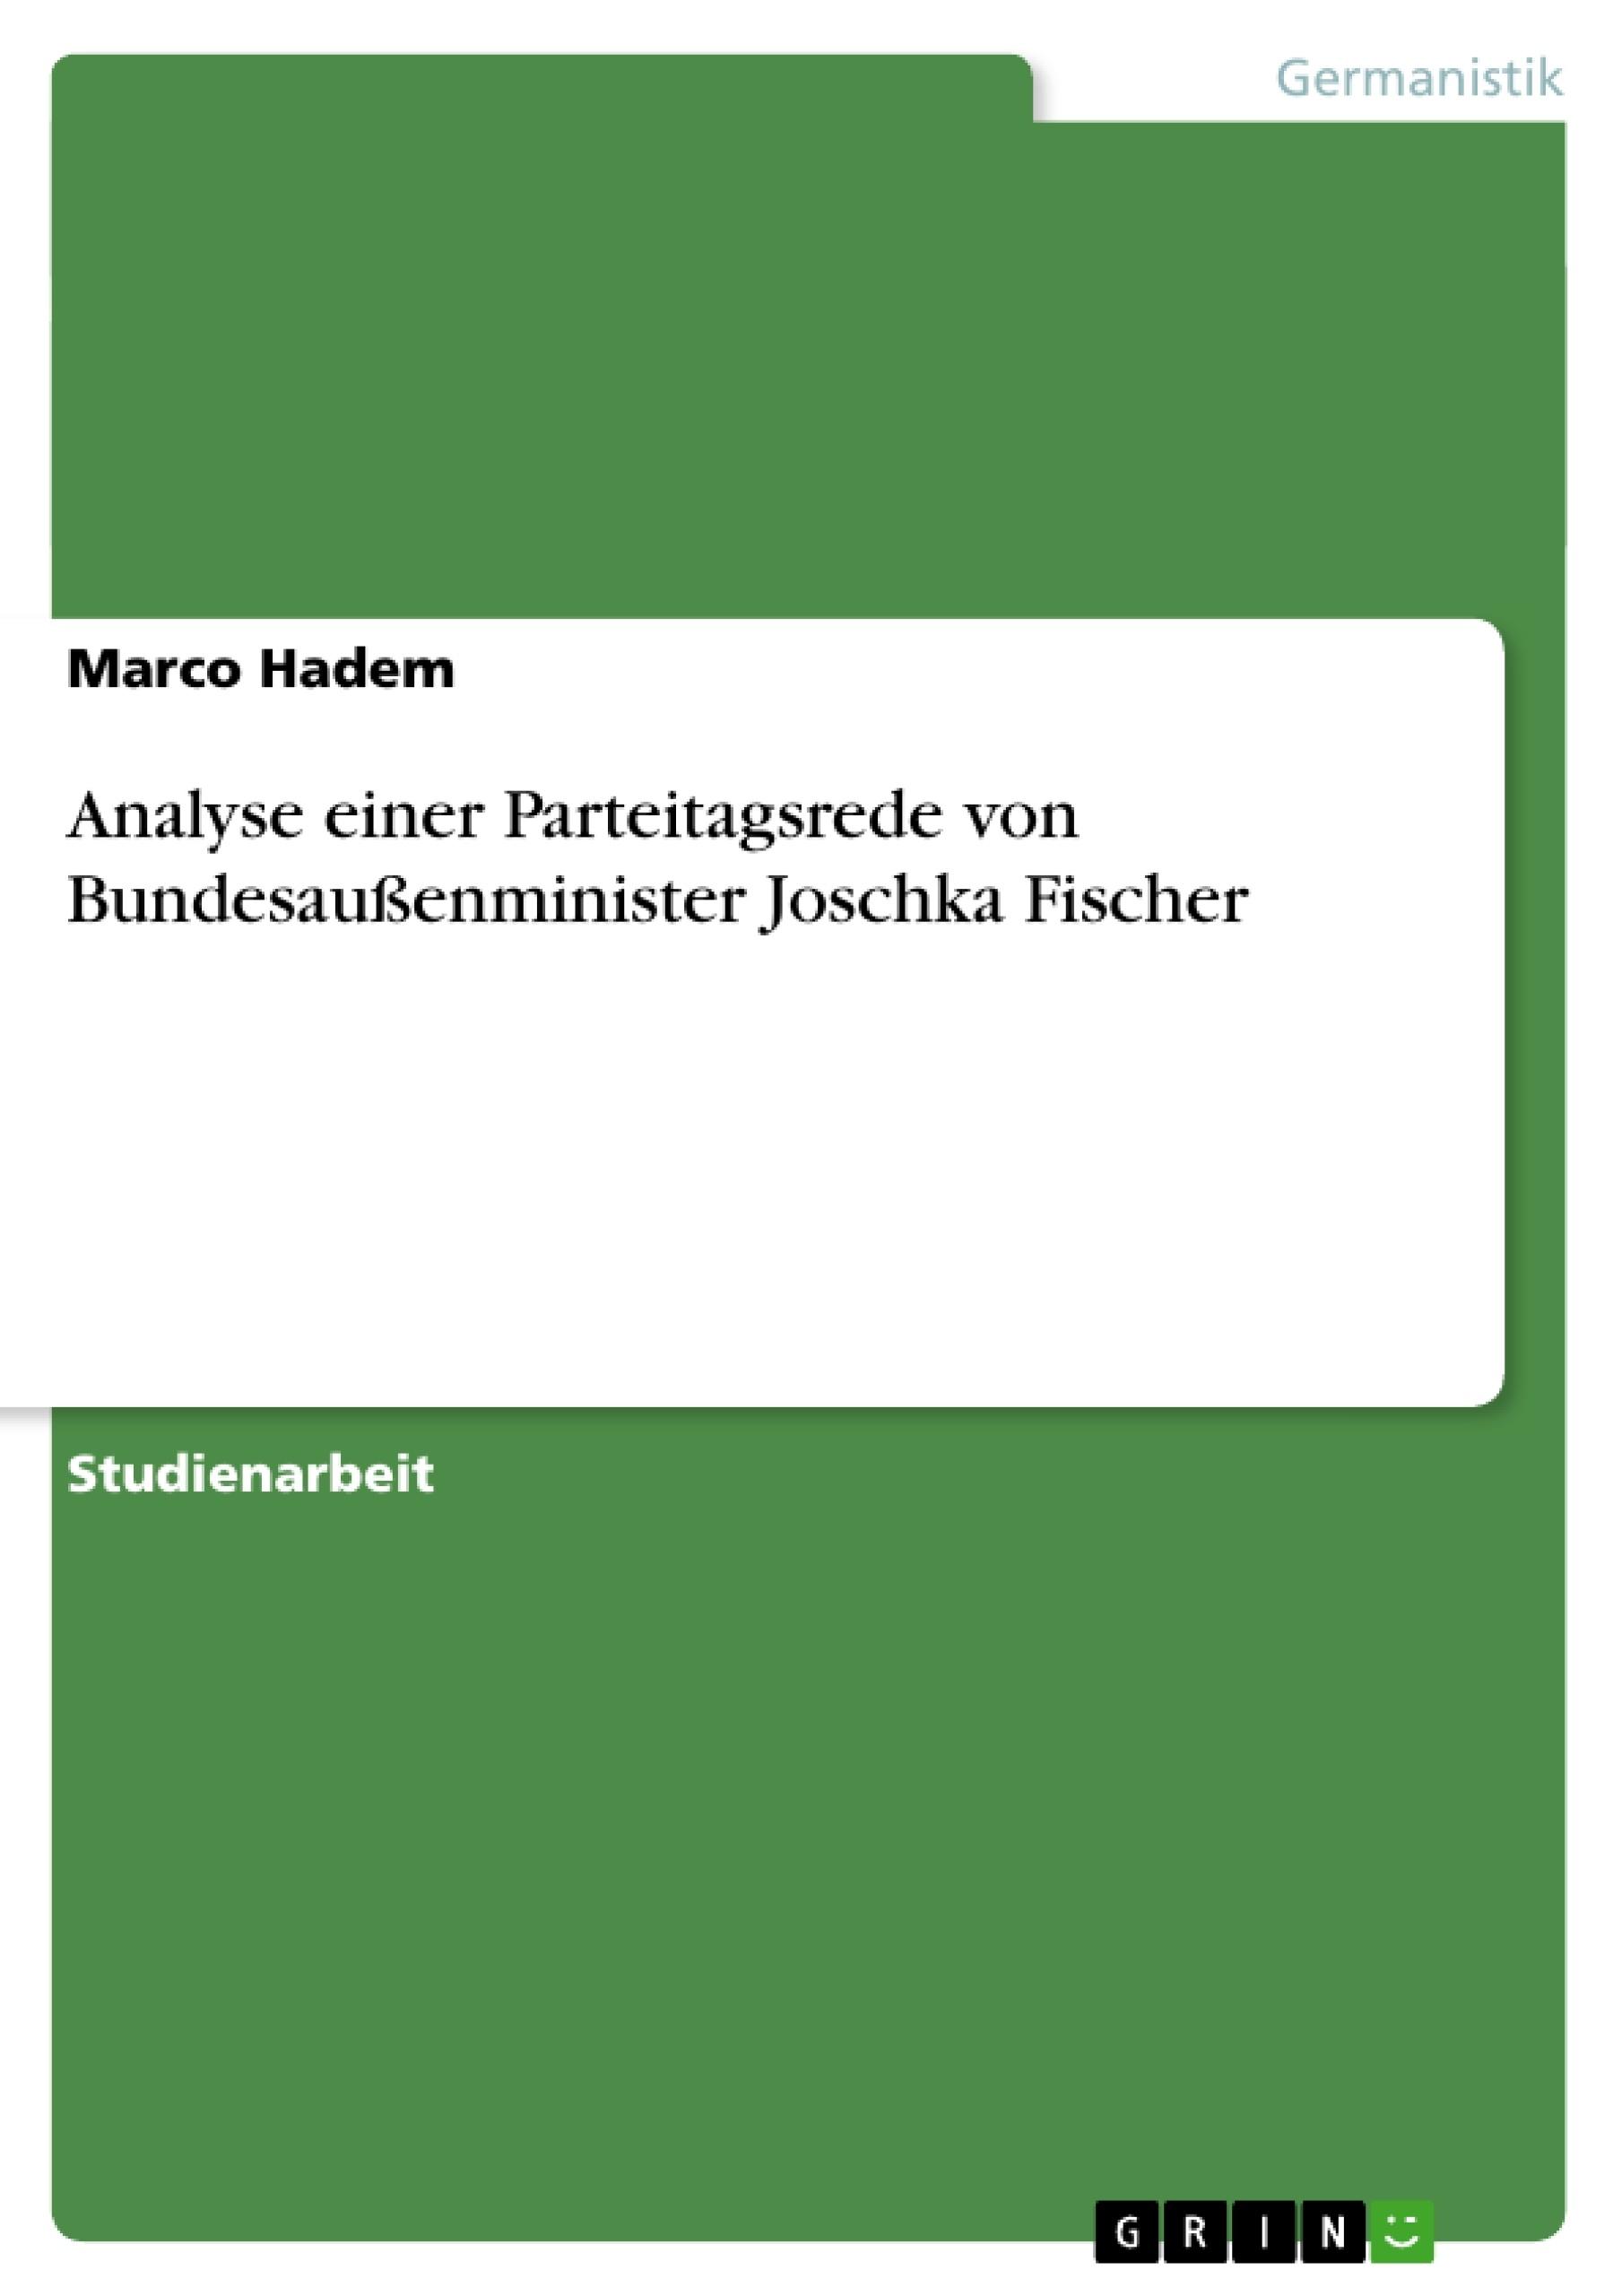 Titel: Analyse einer Parteitagsrede von Bundesaußenminister Joschka Fischer